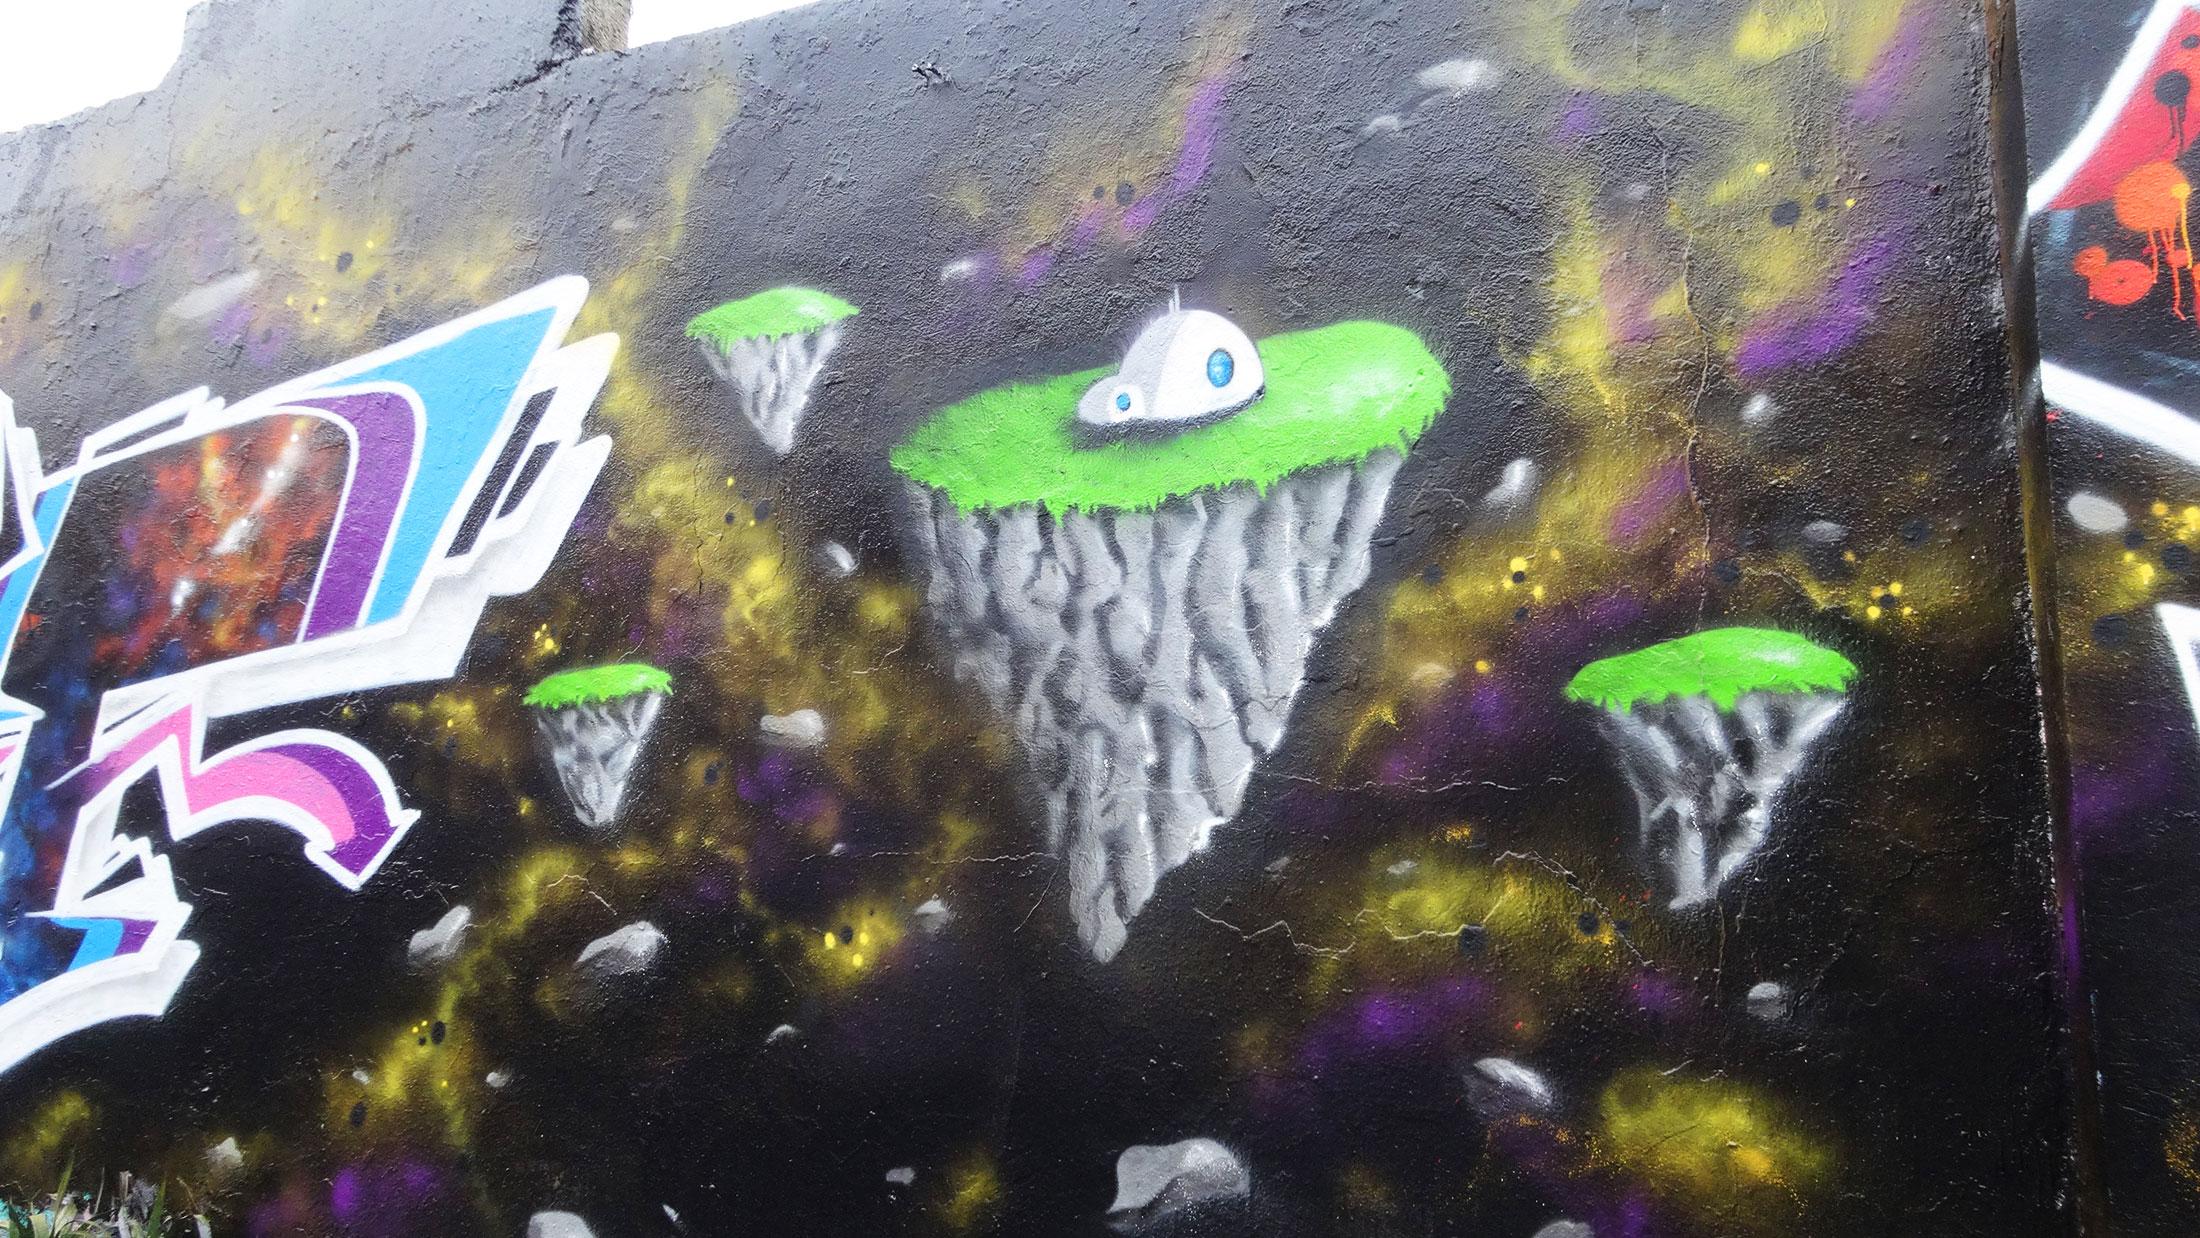 capsule_graffiti_deft_beam_2